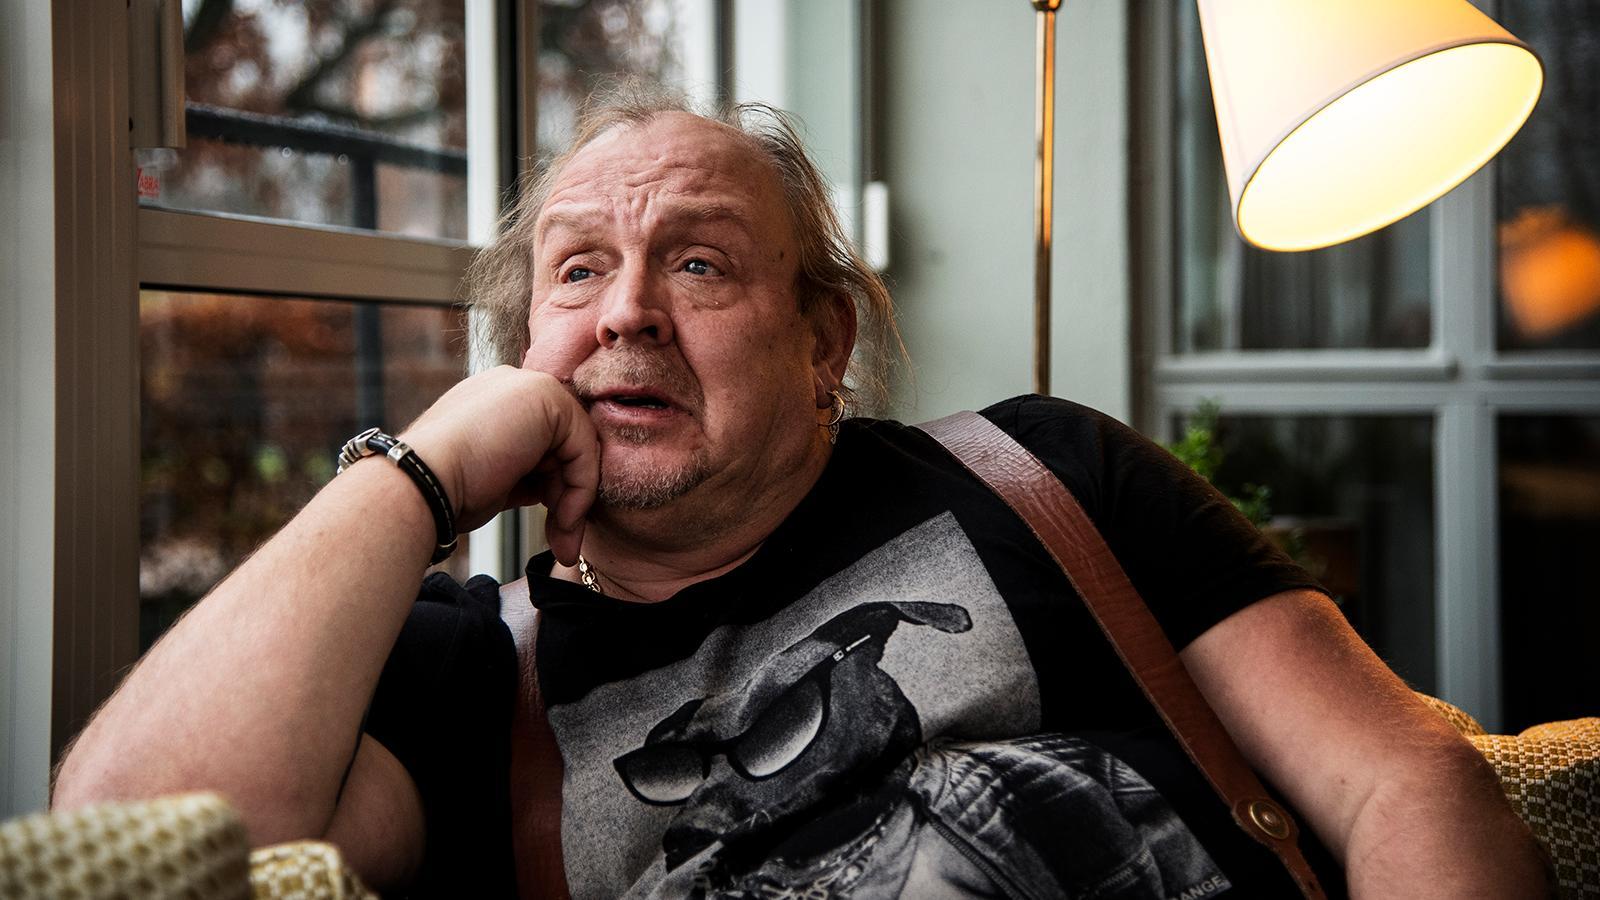 Olle Jönssons största önskan just nu är ett vaccin mot covid-19.